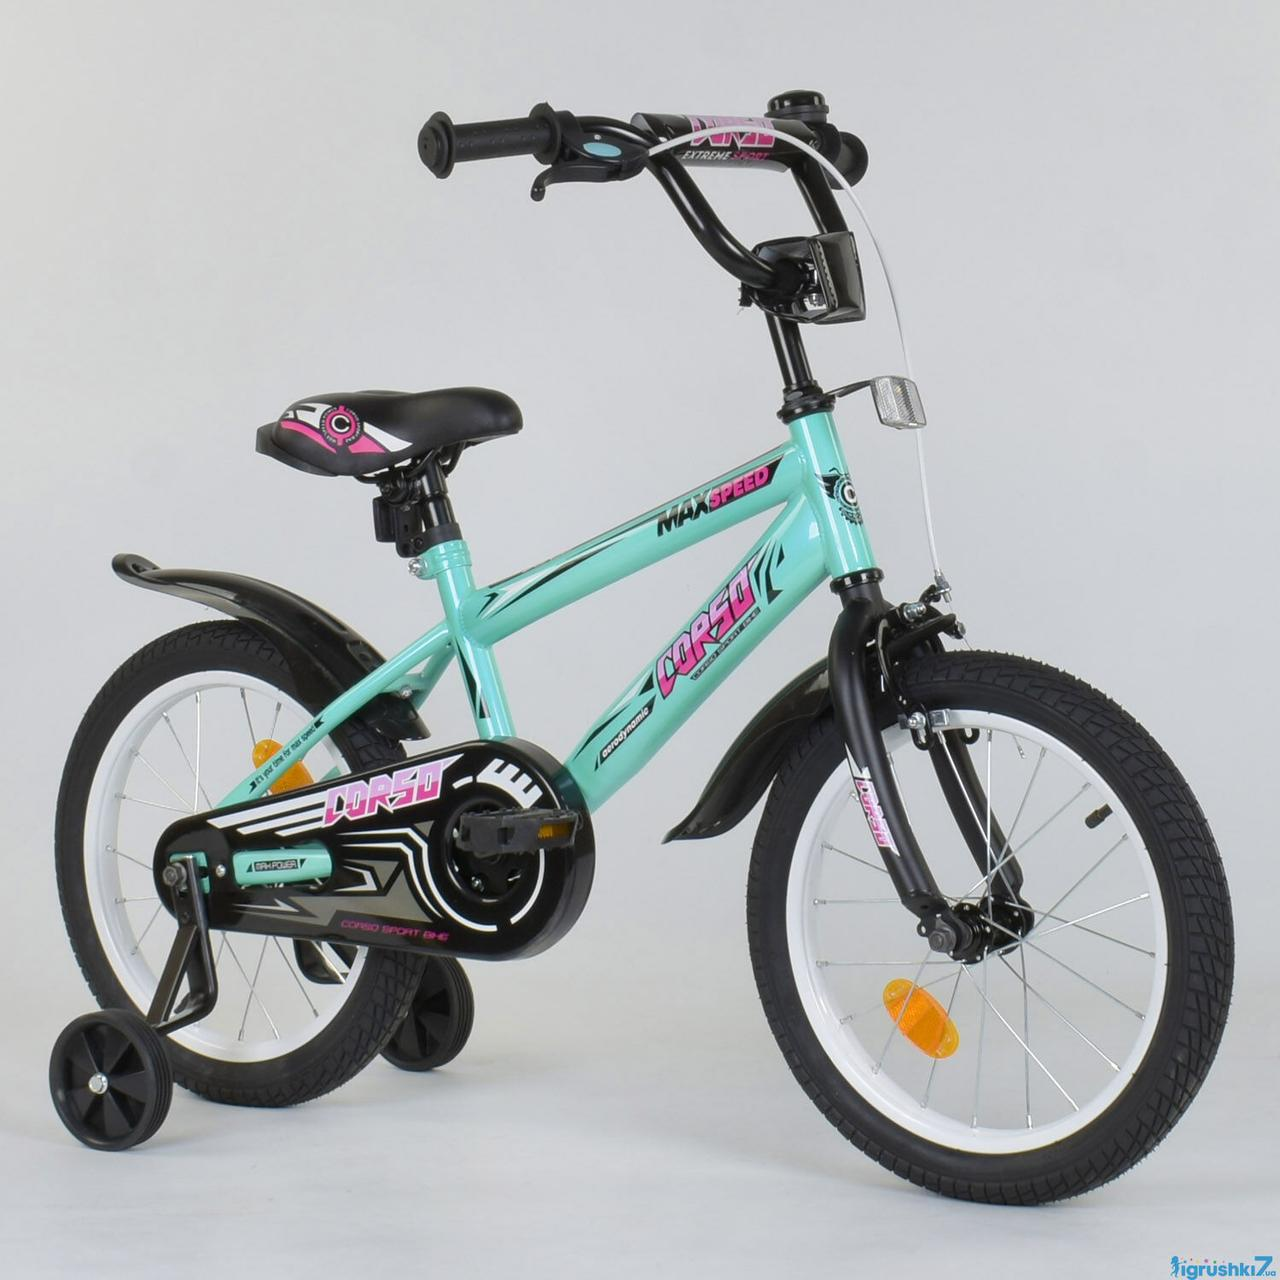 Велосипед двухколесный детский Corso EX-16 дюймов (4-6 лет) Пром